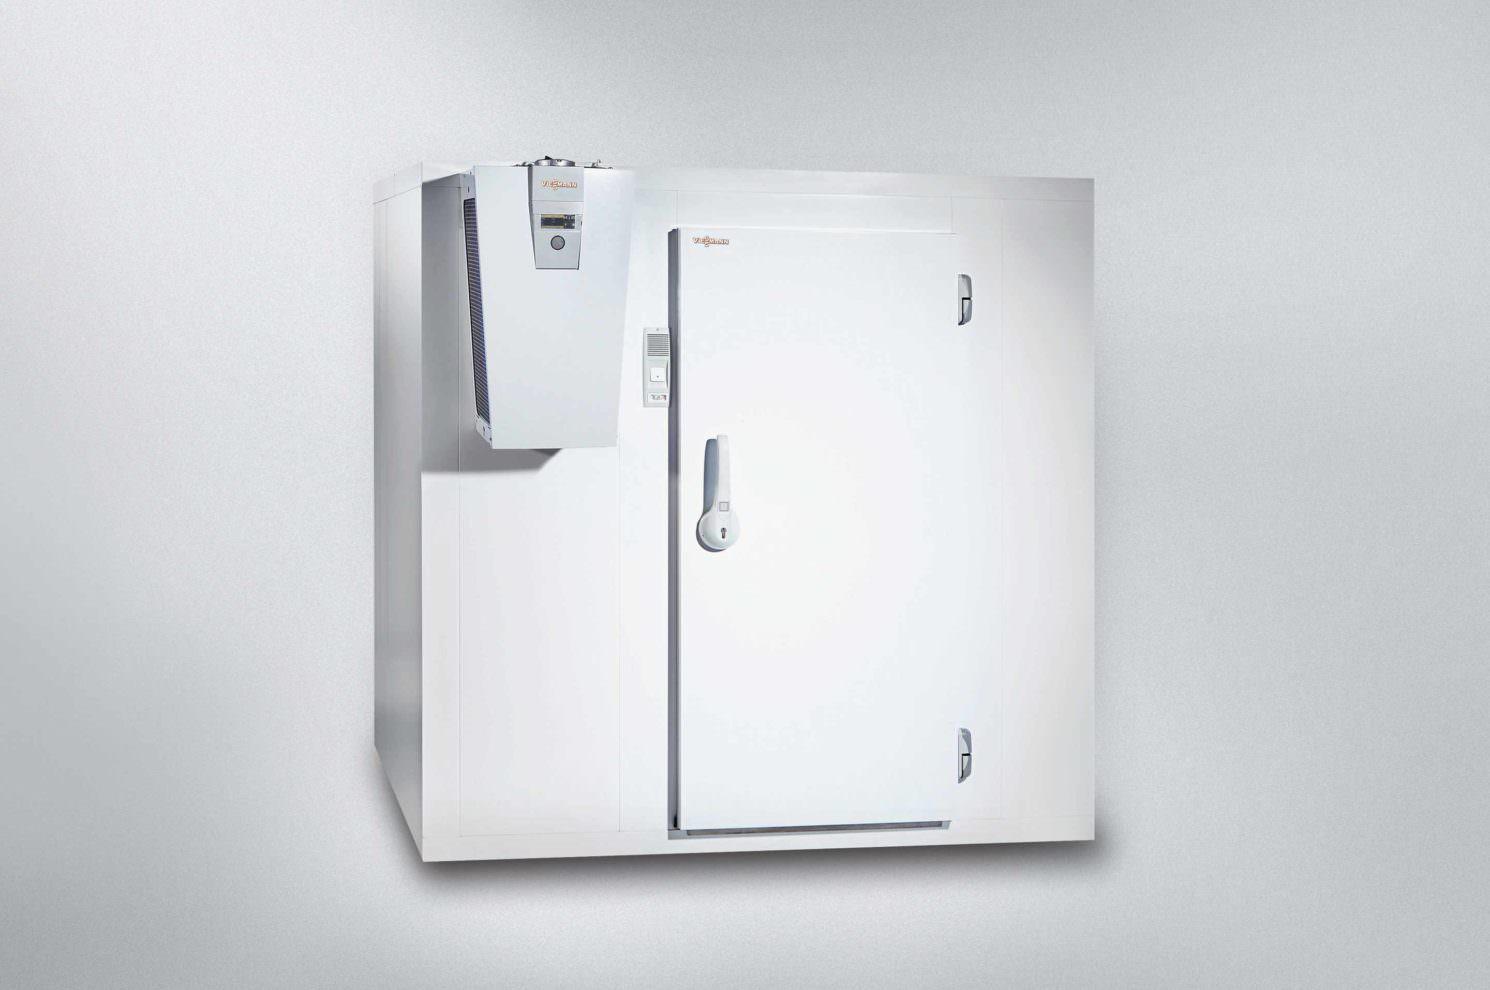 Mobile Kühlgeräte